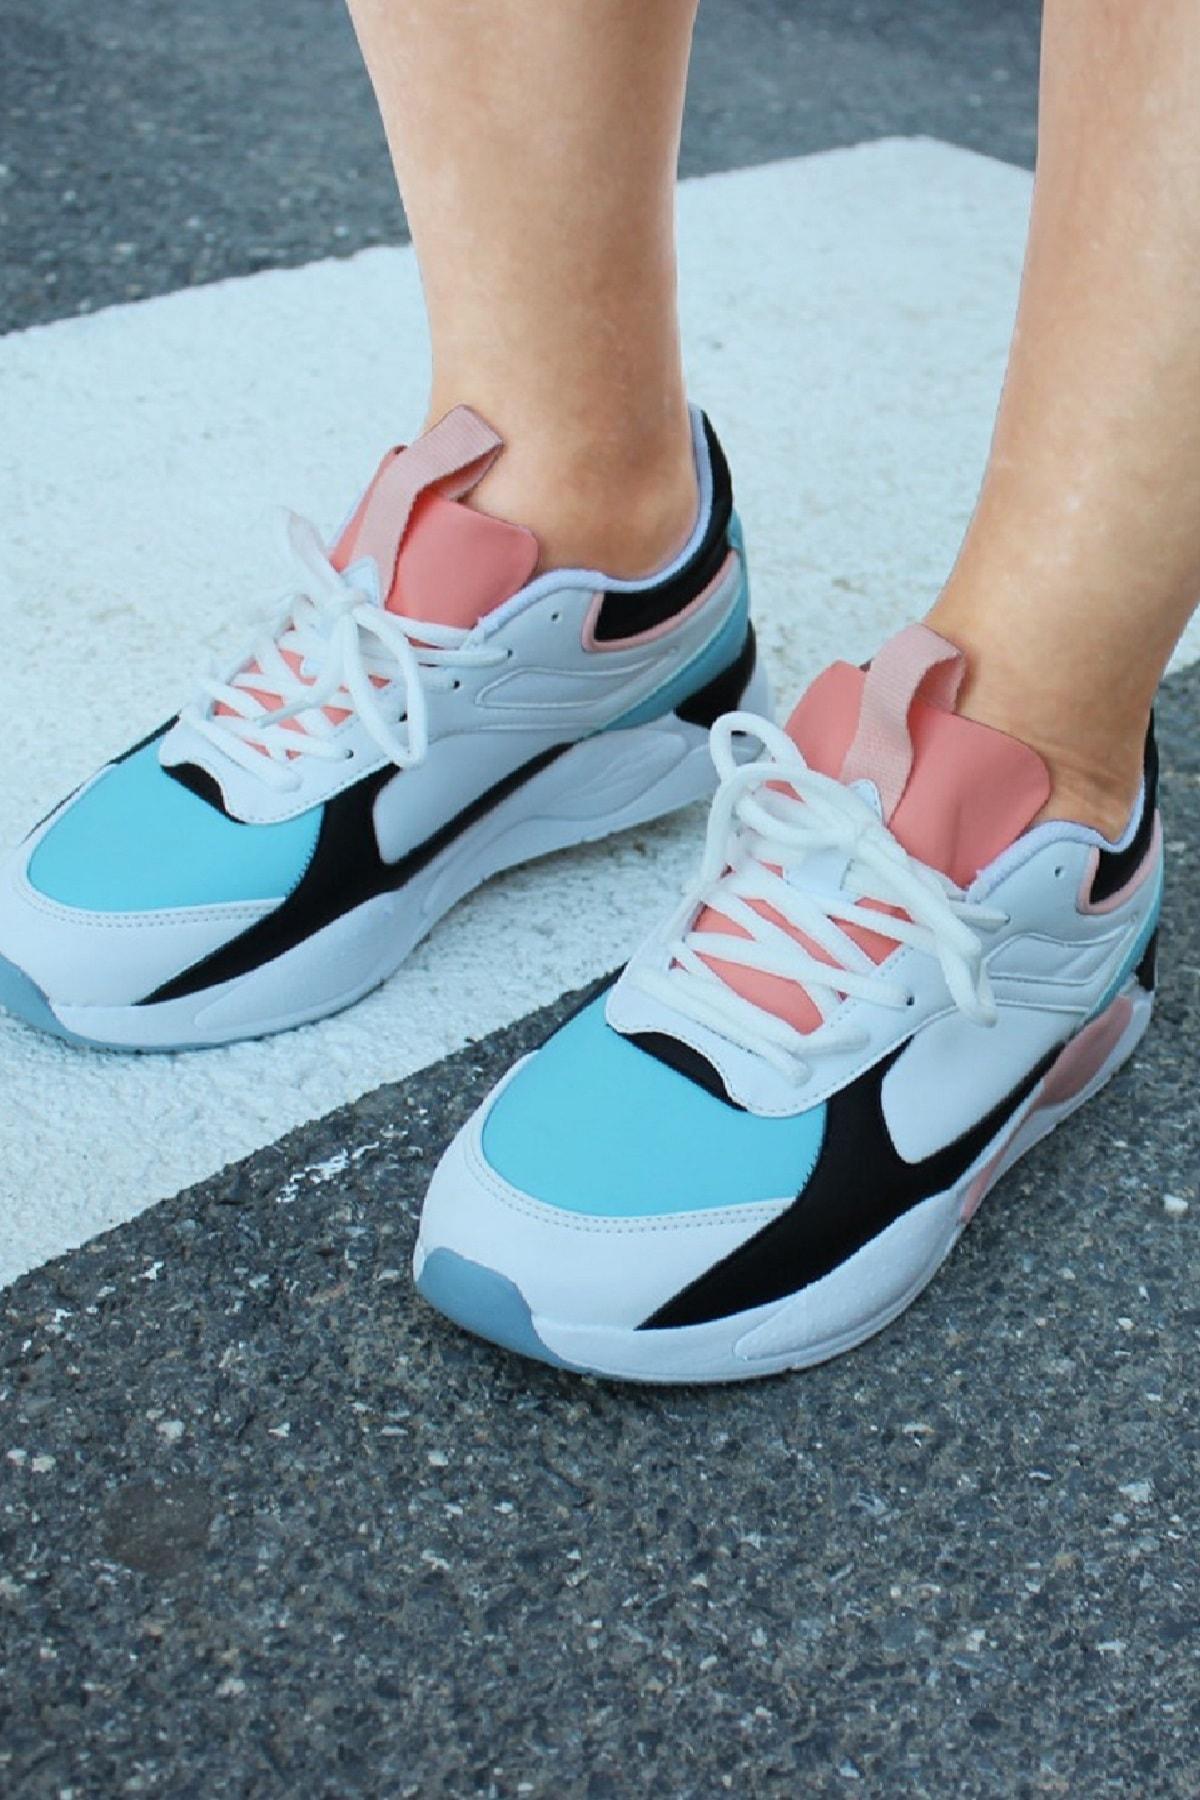 Jump Kadın Spor Ayakkabı 24772 Beyaz-Mavi 20S0424772 2